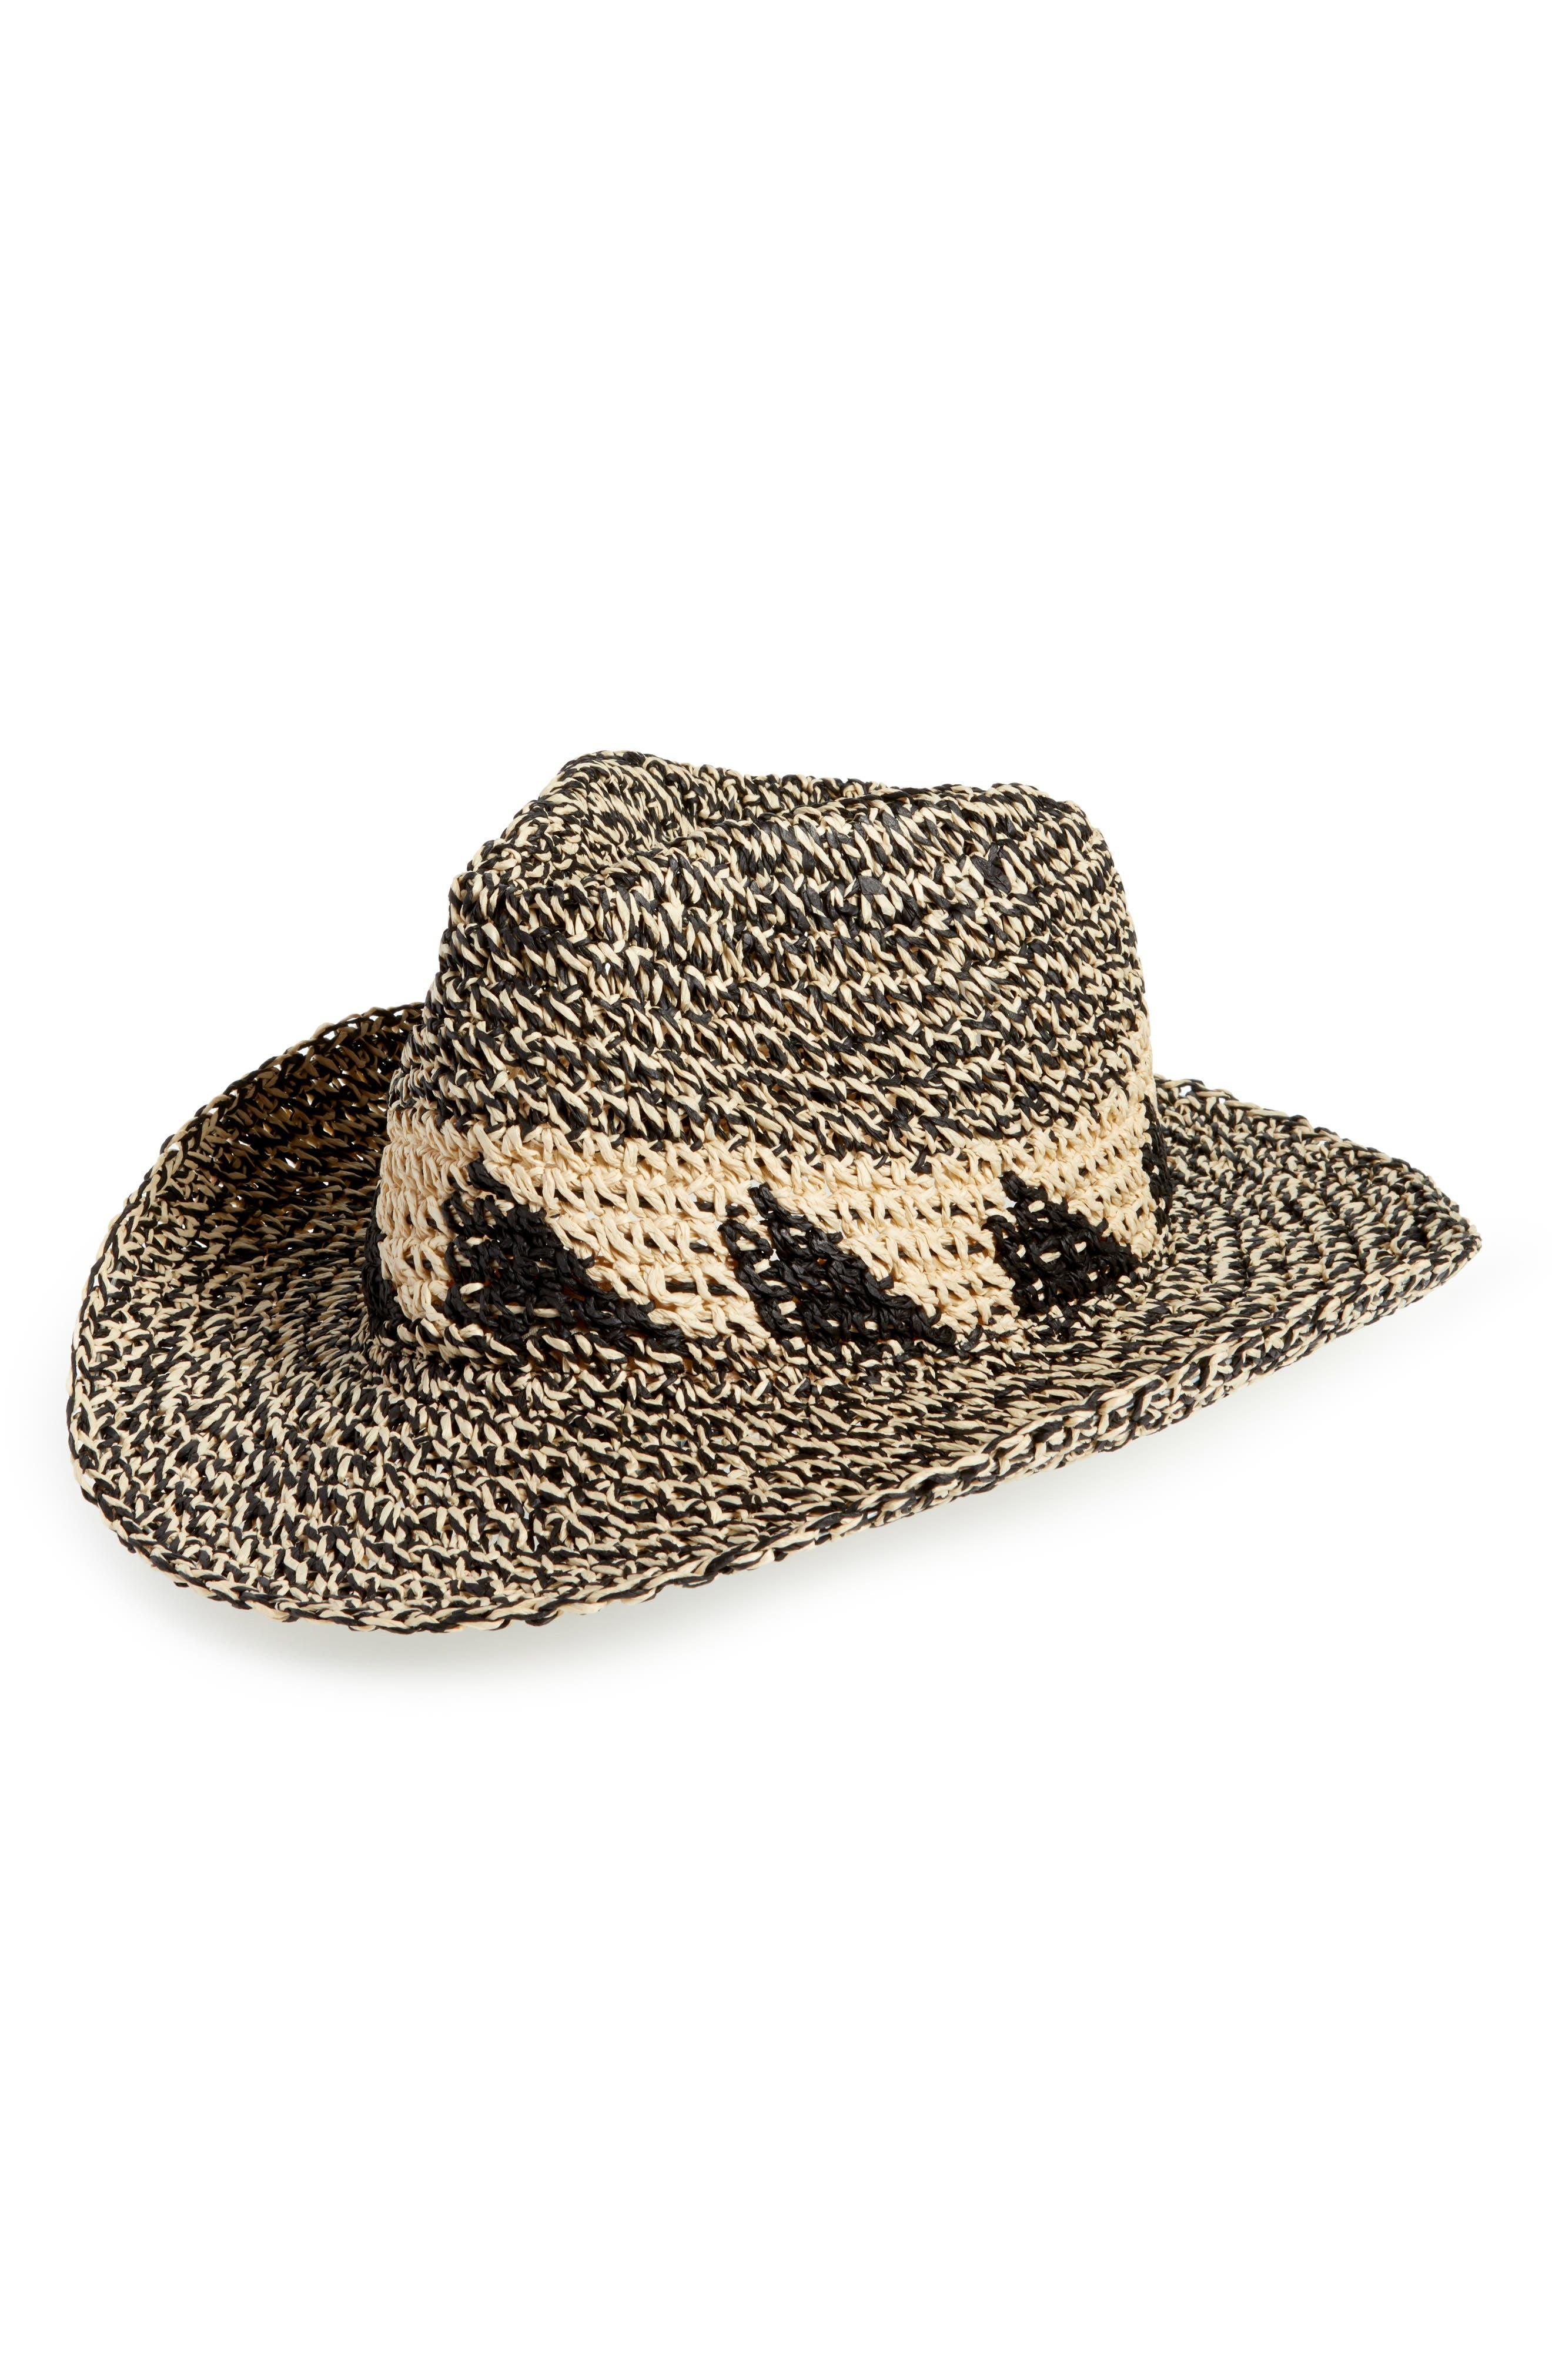 Marled Straw Cowboy Hat,                             Main thumbnail 1, color,                             260